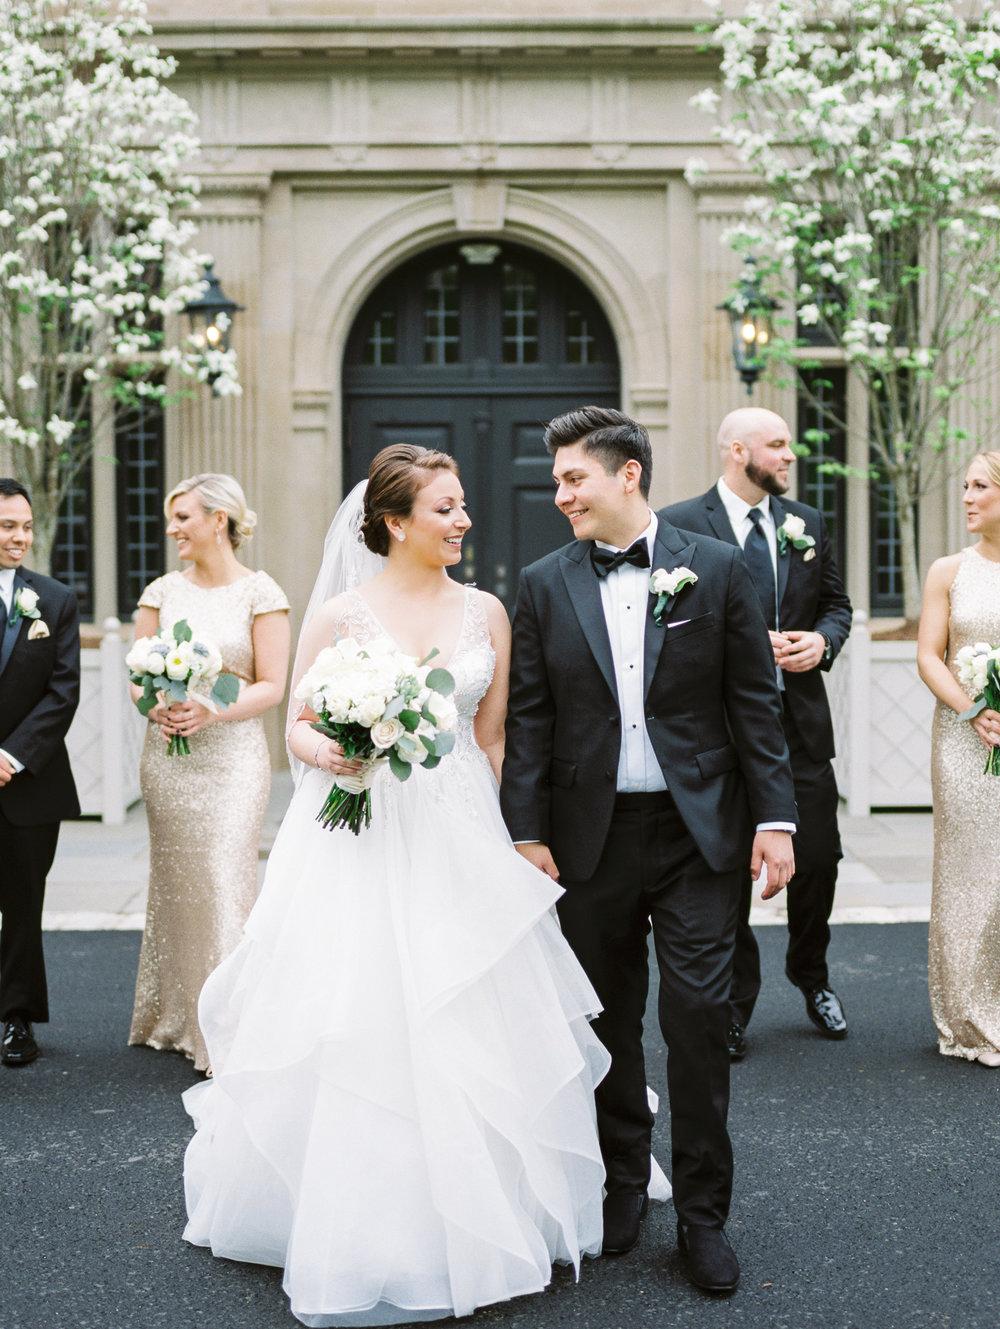 Bridal Party at Natirar Mansion in Gladstone, NJ